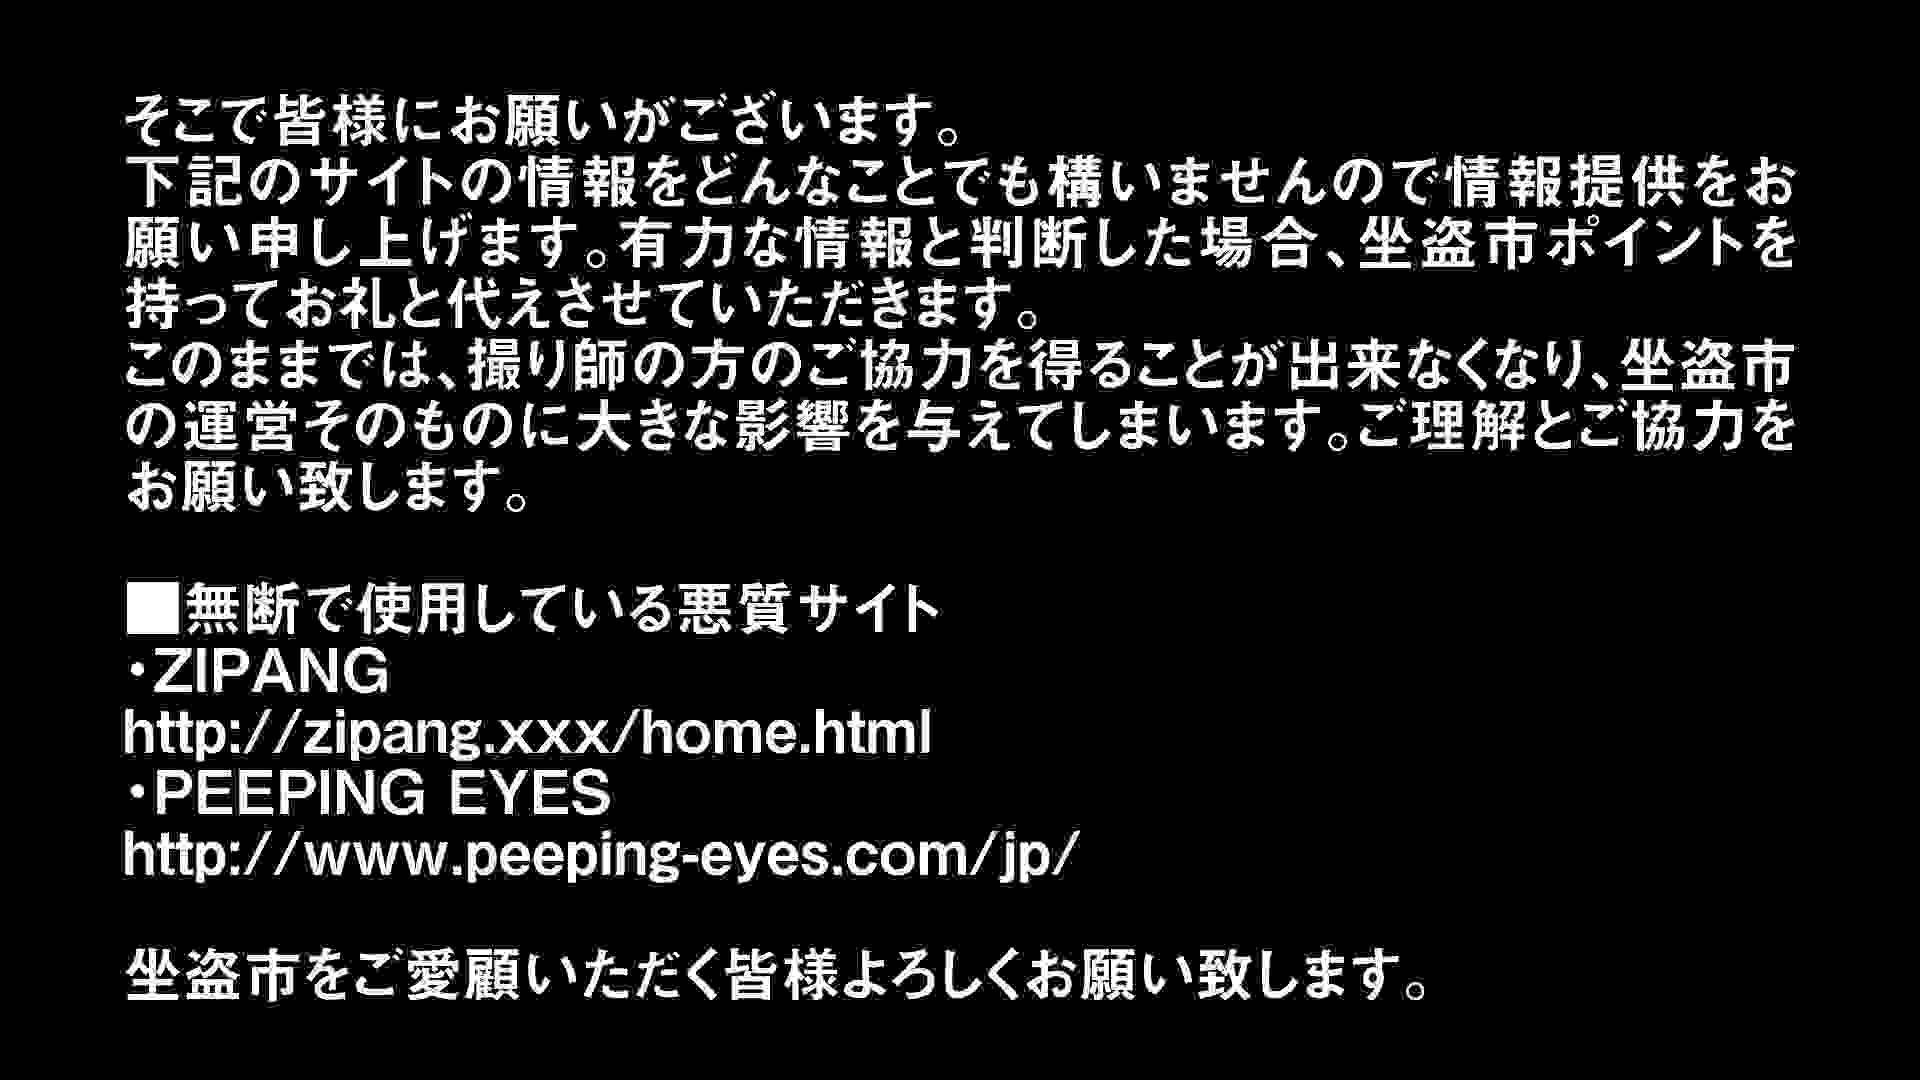 Aquaな露天風呂Vol.296 盗撮シリーズ  102PIX 38